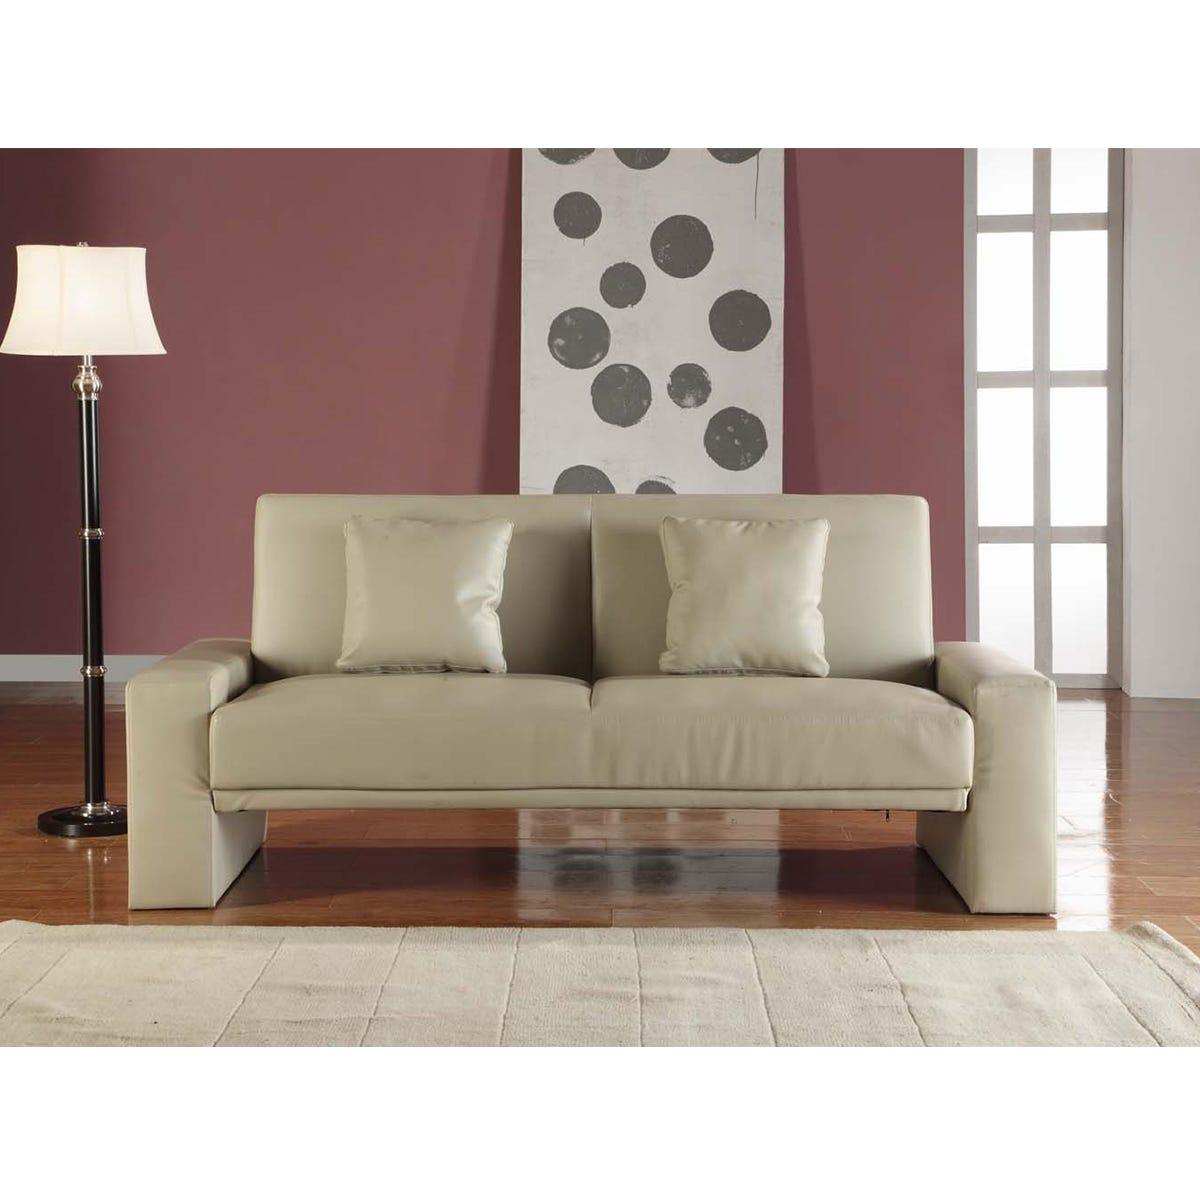 Sydney Sofa Bed - Cream